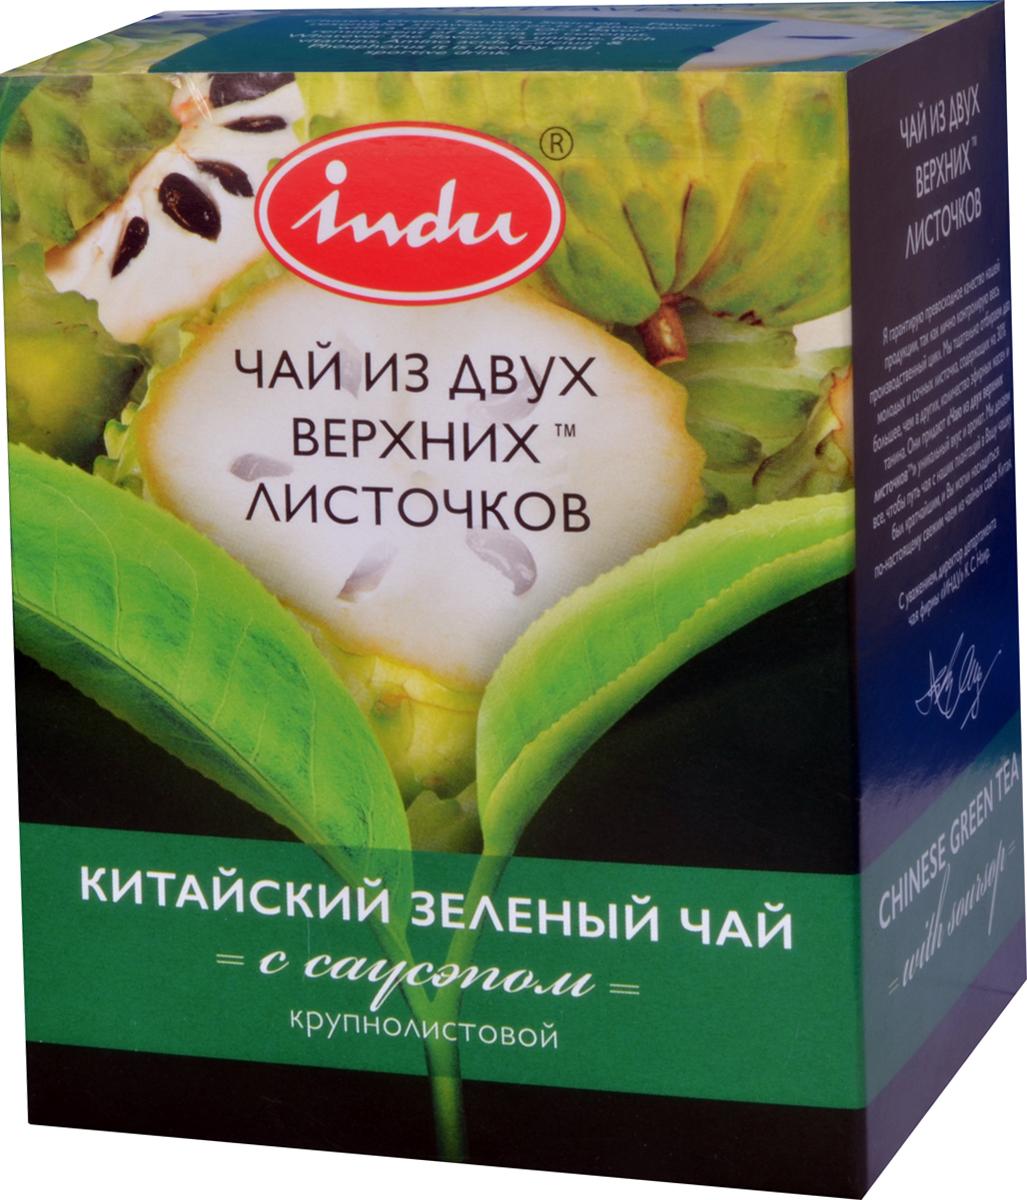 Indu Китайский зеленый листовой чай с саусэпом, 90 гTTL-GCH-192Чай для активной жизни, его вкус – это фейерверк экзотических фруктов. Порой он напоминает землянику и ананас, порой банан и кокос. Как бы то ни было, вкус у этого напитка поистине восхитительный. Высокое содержание витаминов и полезных микроэлементов бодрит, помогает снять усталость, прекрасно освежает. Он как будто предназначен для активных, энергичных людей!